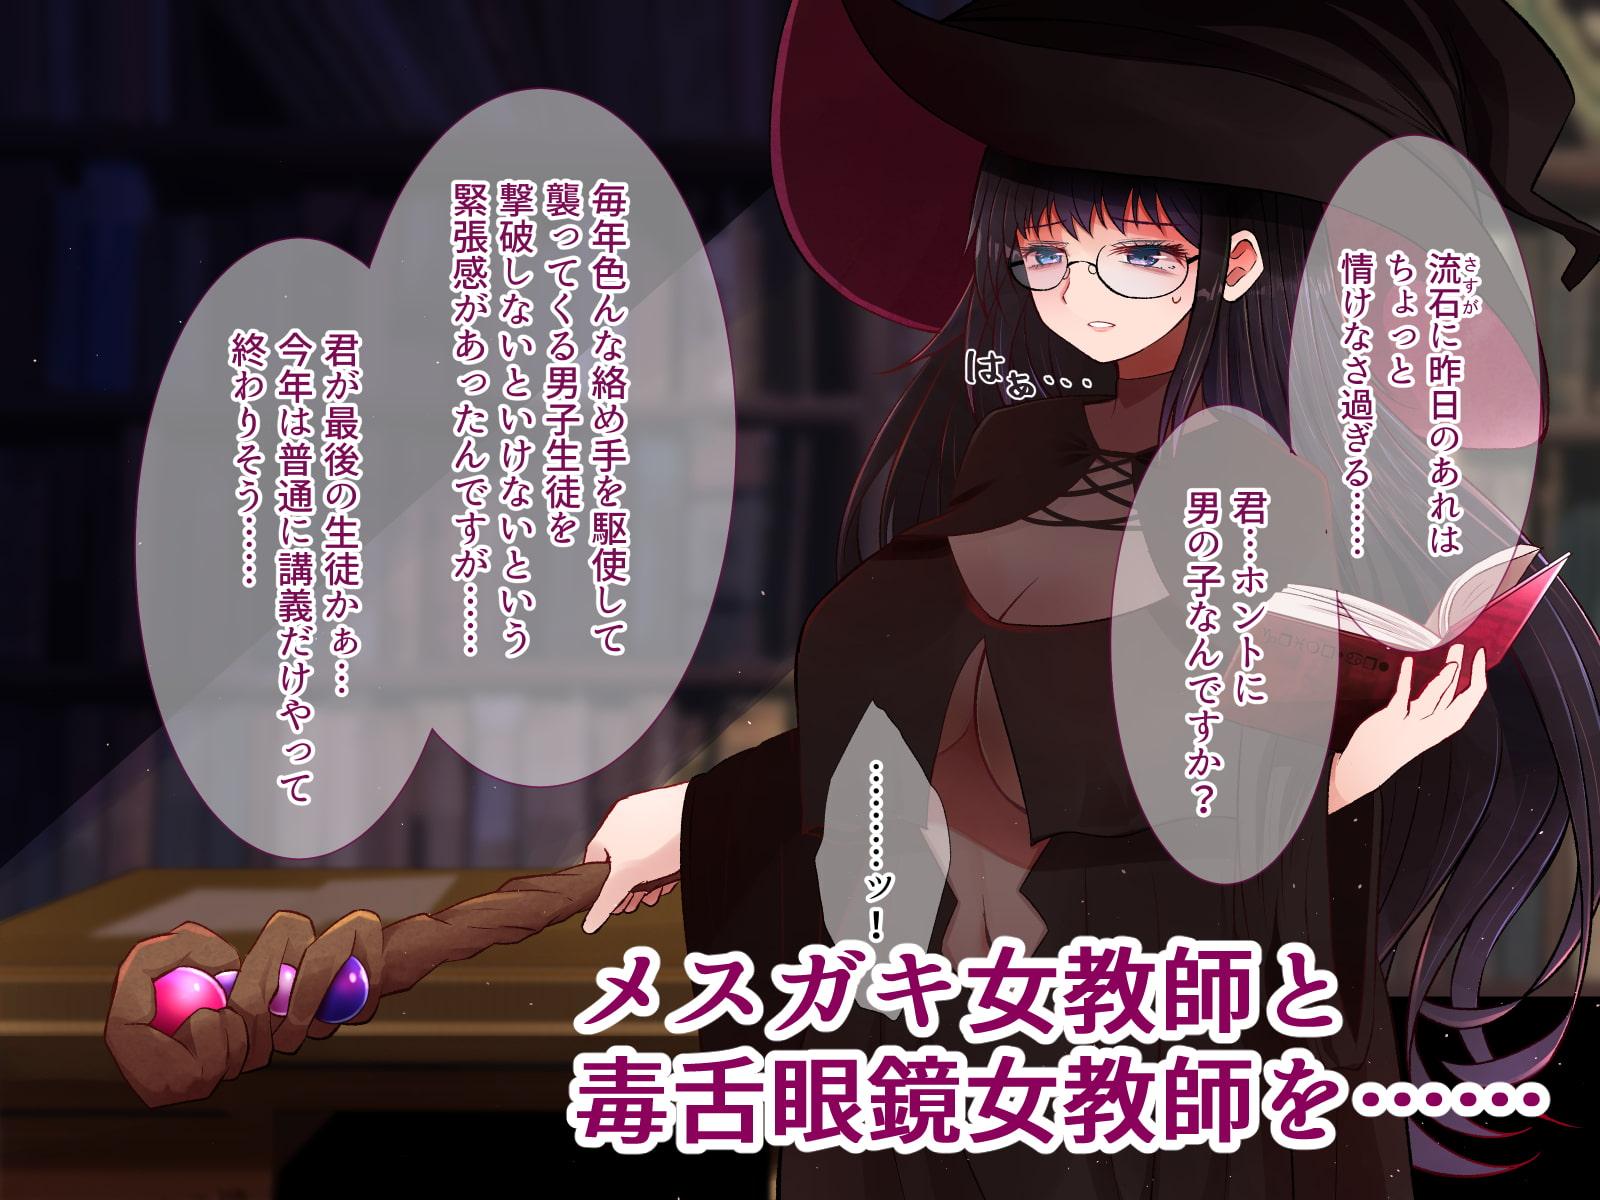 黒魔術調教 負けた女教師は何をされても仕方ありません2